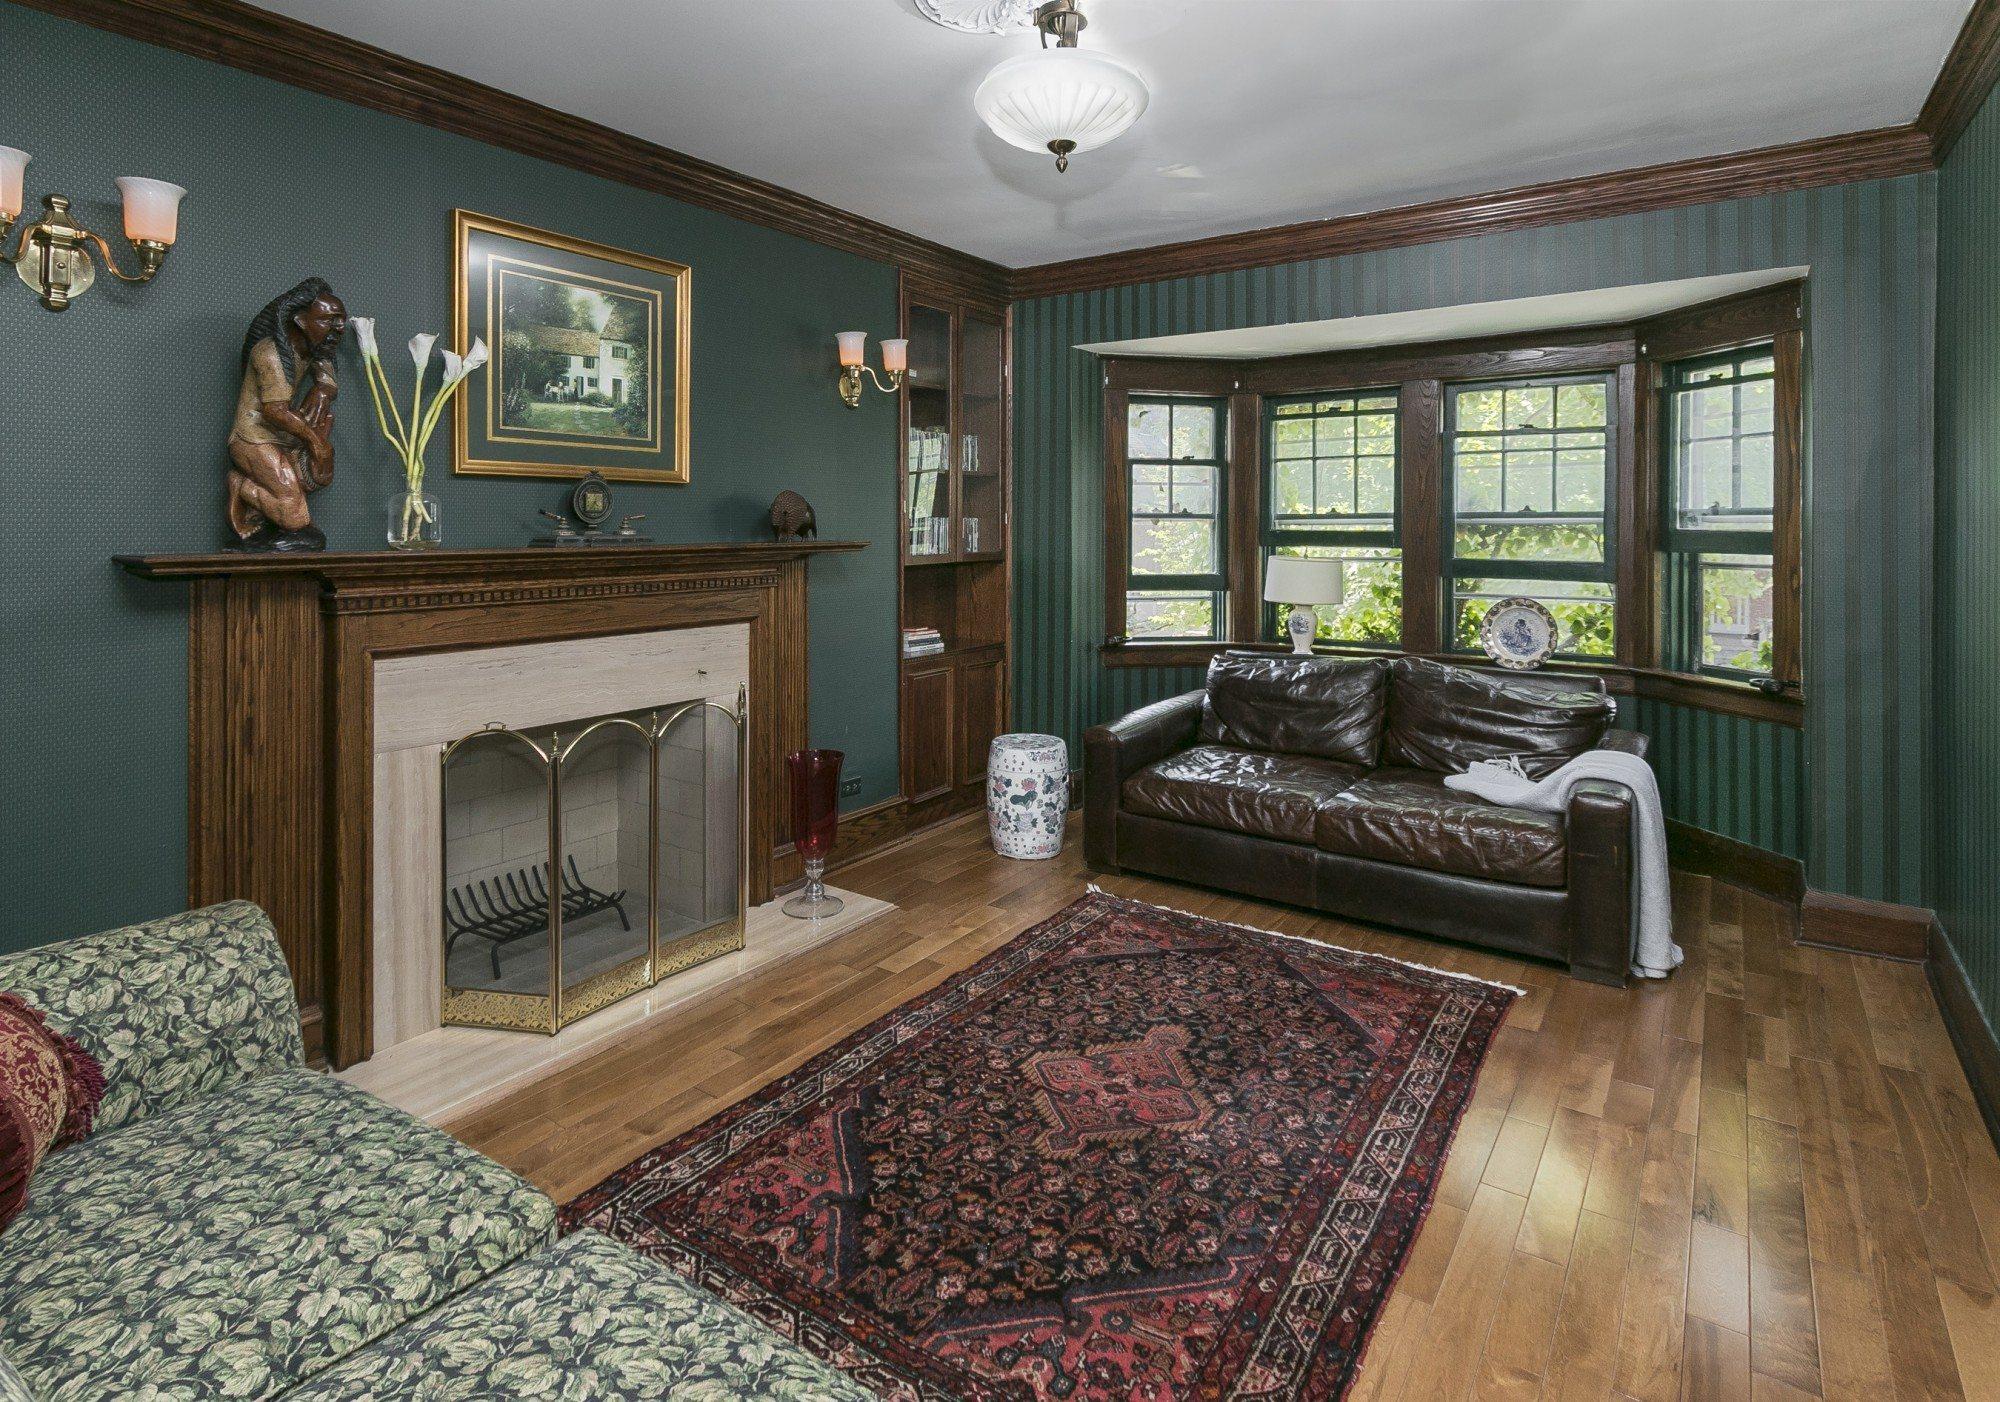 toronto-house-for-sale-15-glenholme-avenue-7